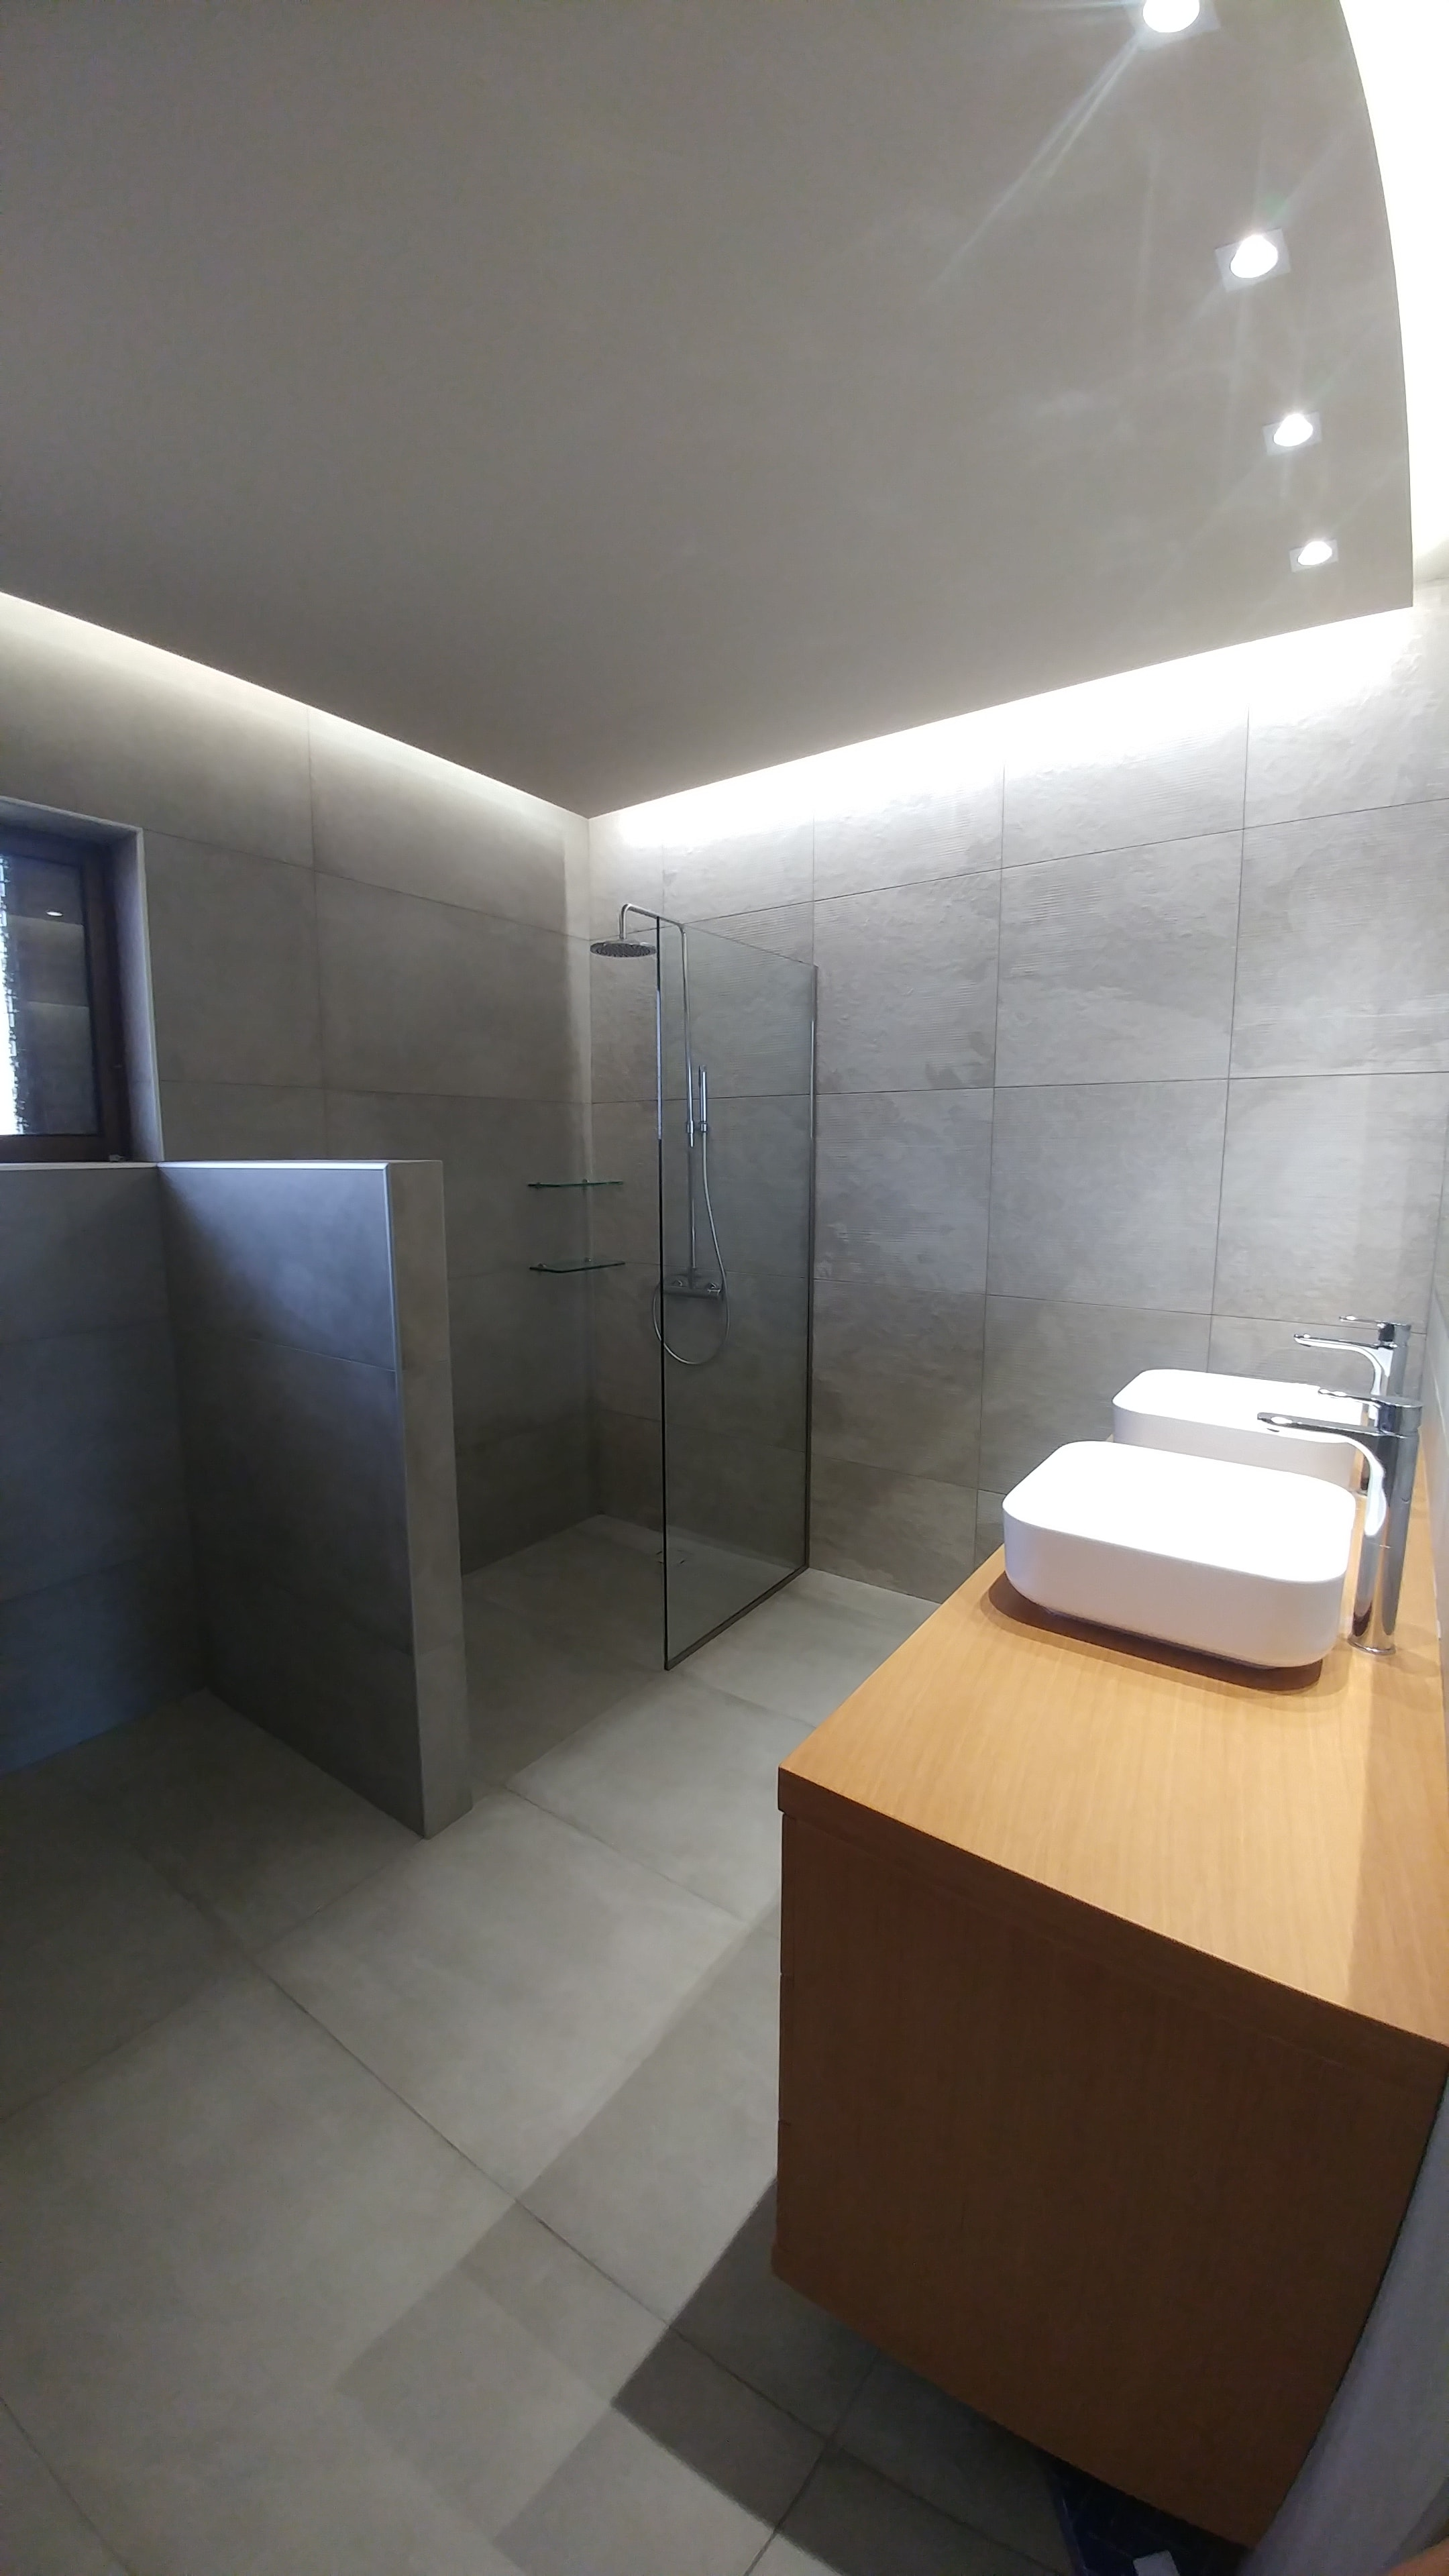 Ανακαίνιση μπάνιου Φιλοθέη | OPUS